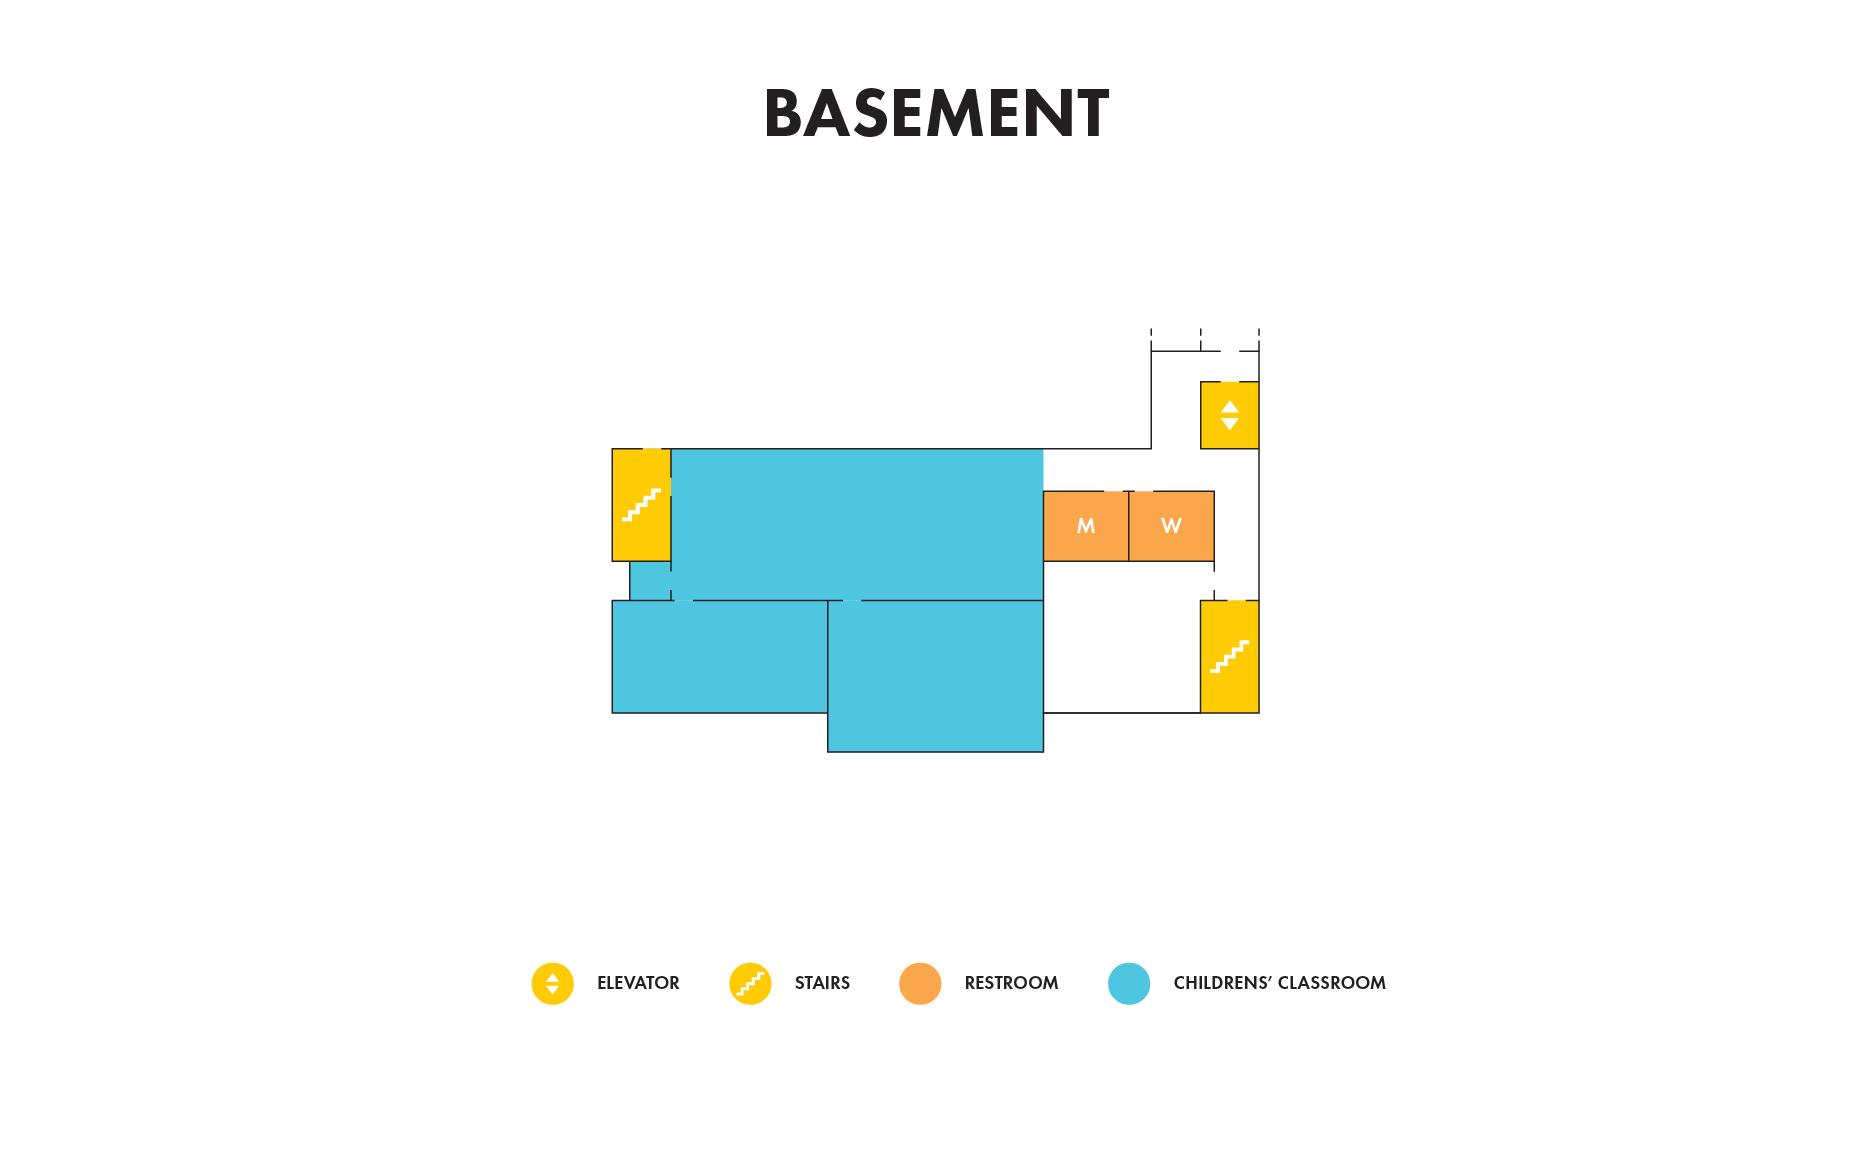 website-map-basement.jpg